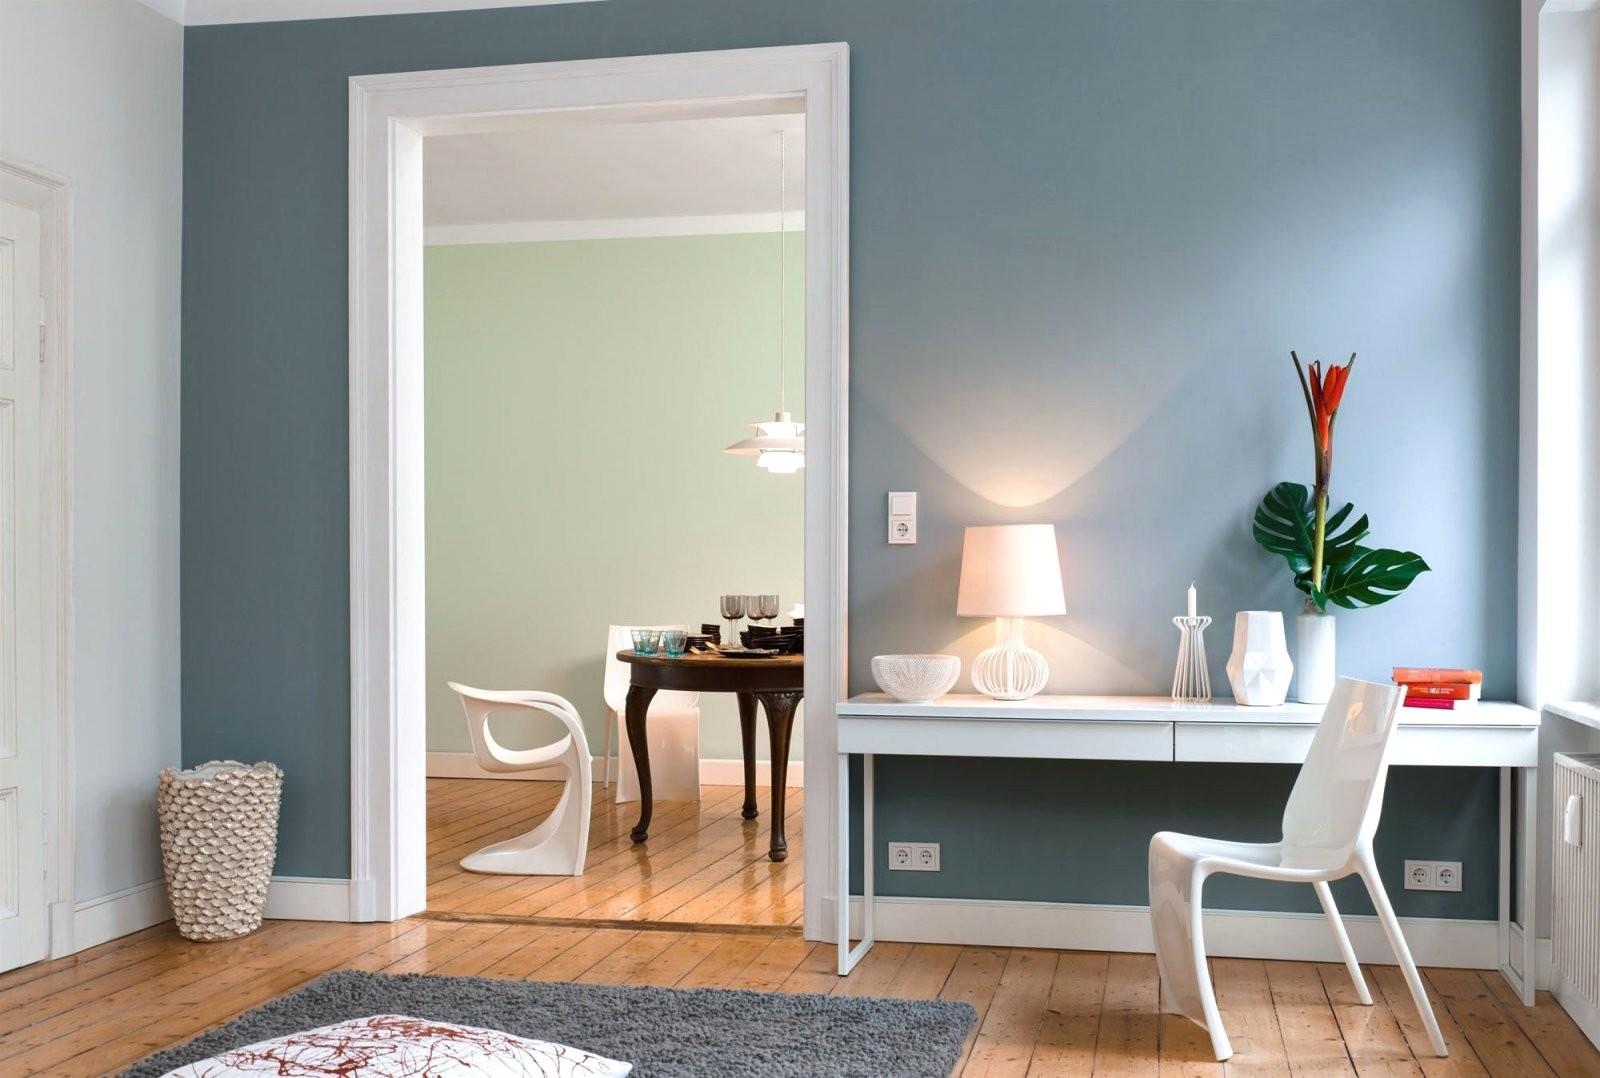 Wunderbar Welche Wandfarbe Passt Zu Eiche  Haus Dekoideen von Welche Farbe Passt Zu Eiche Natur Bild